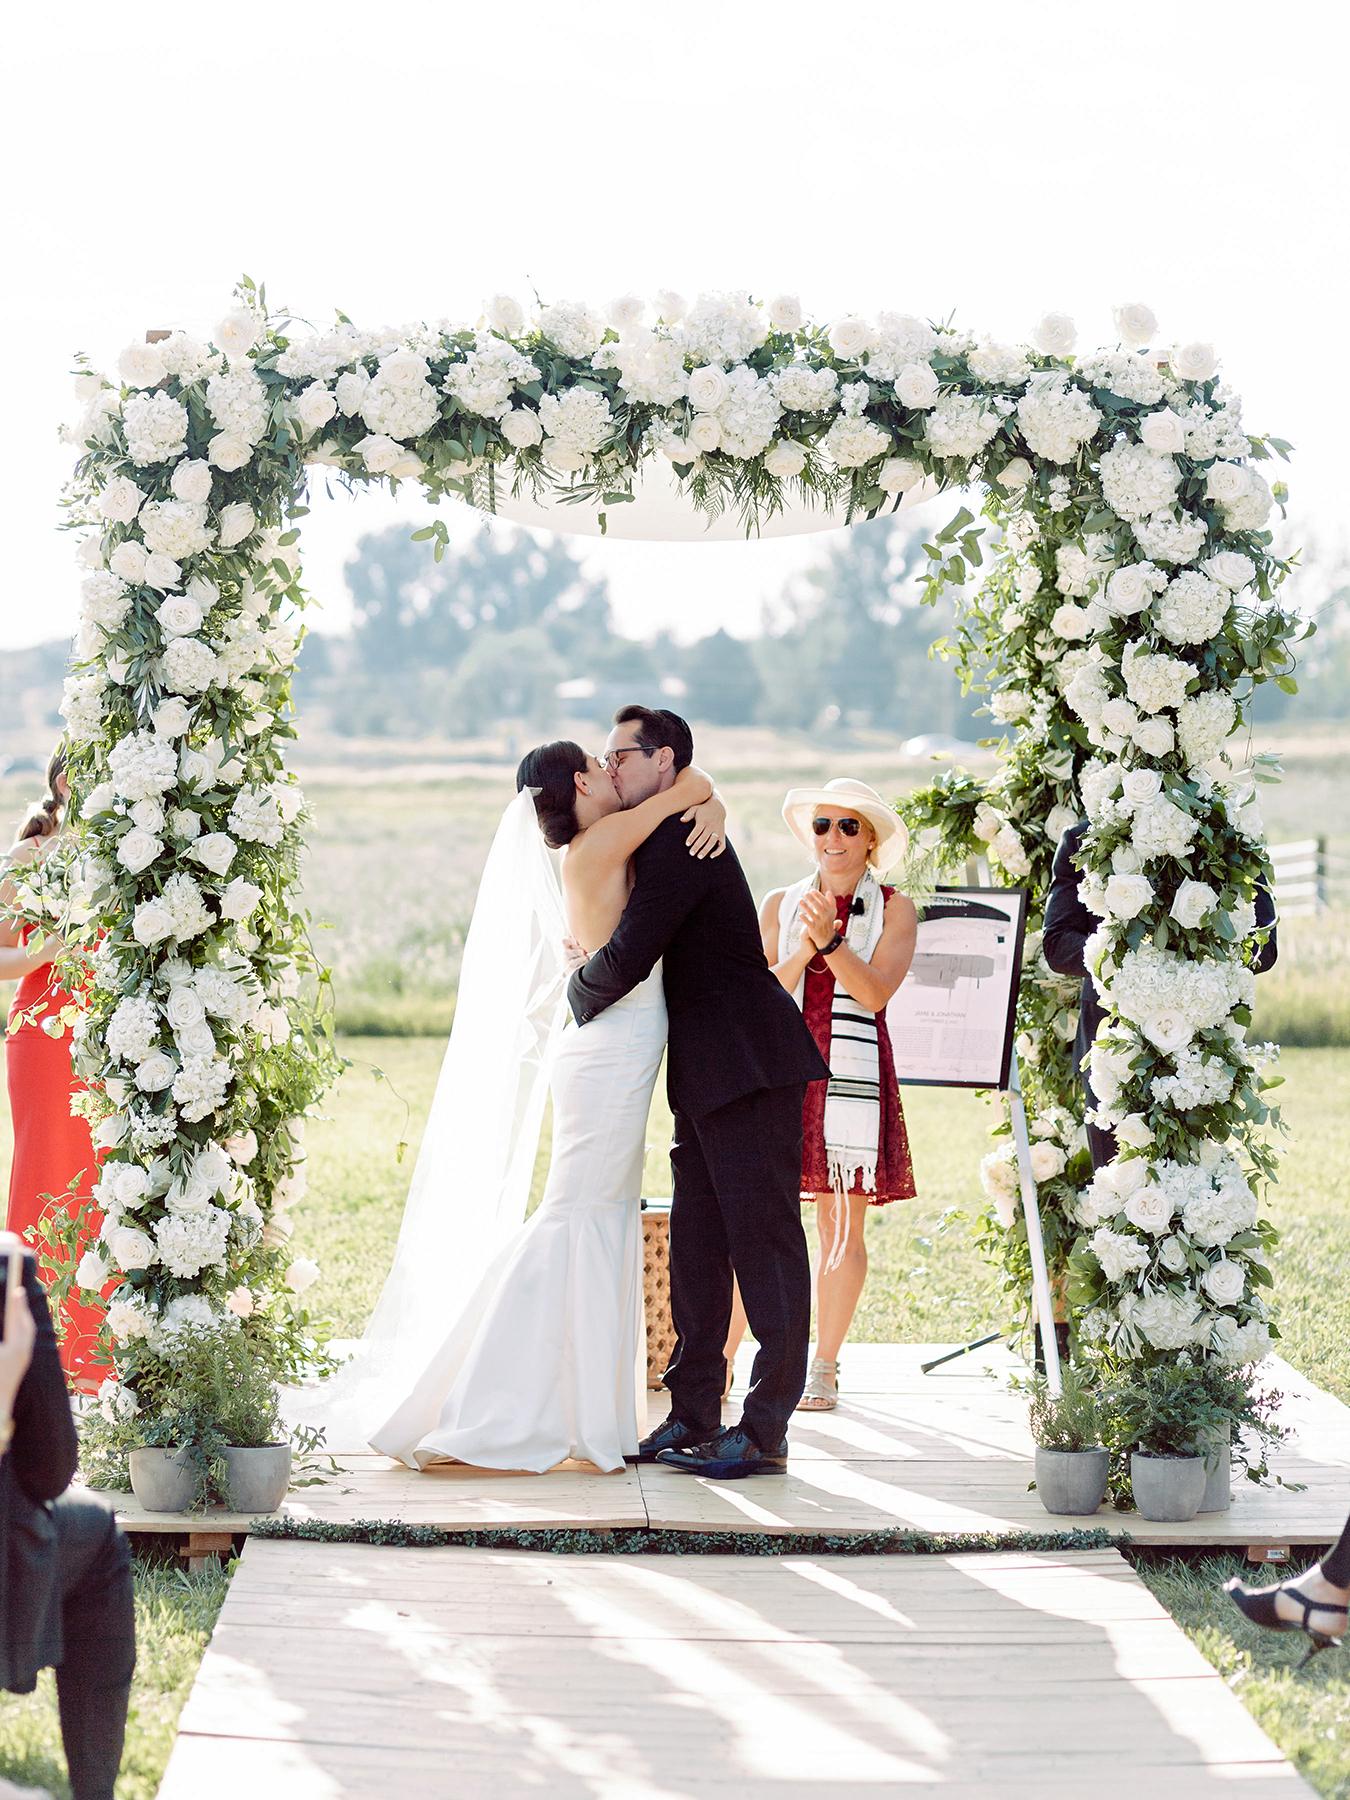 jamie jon wedding ceremony kiss